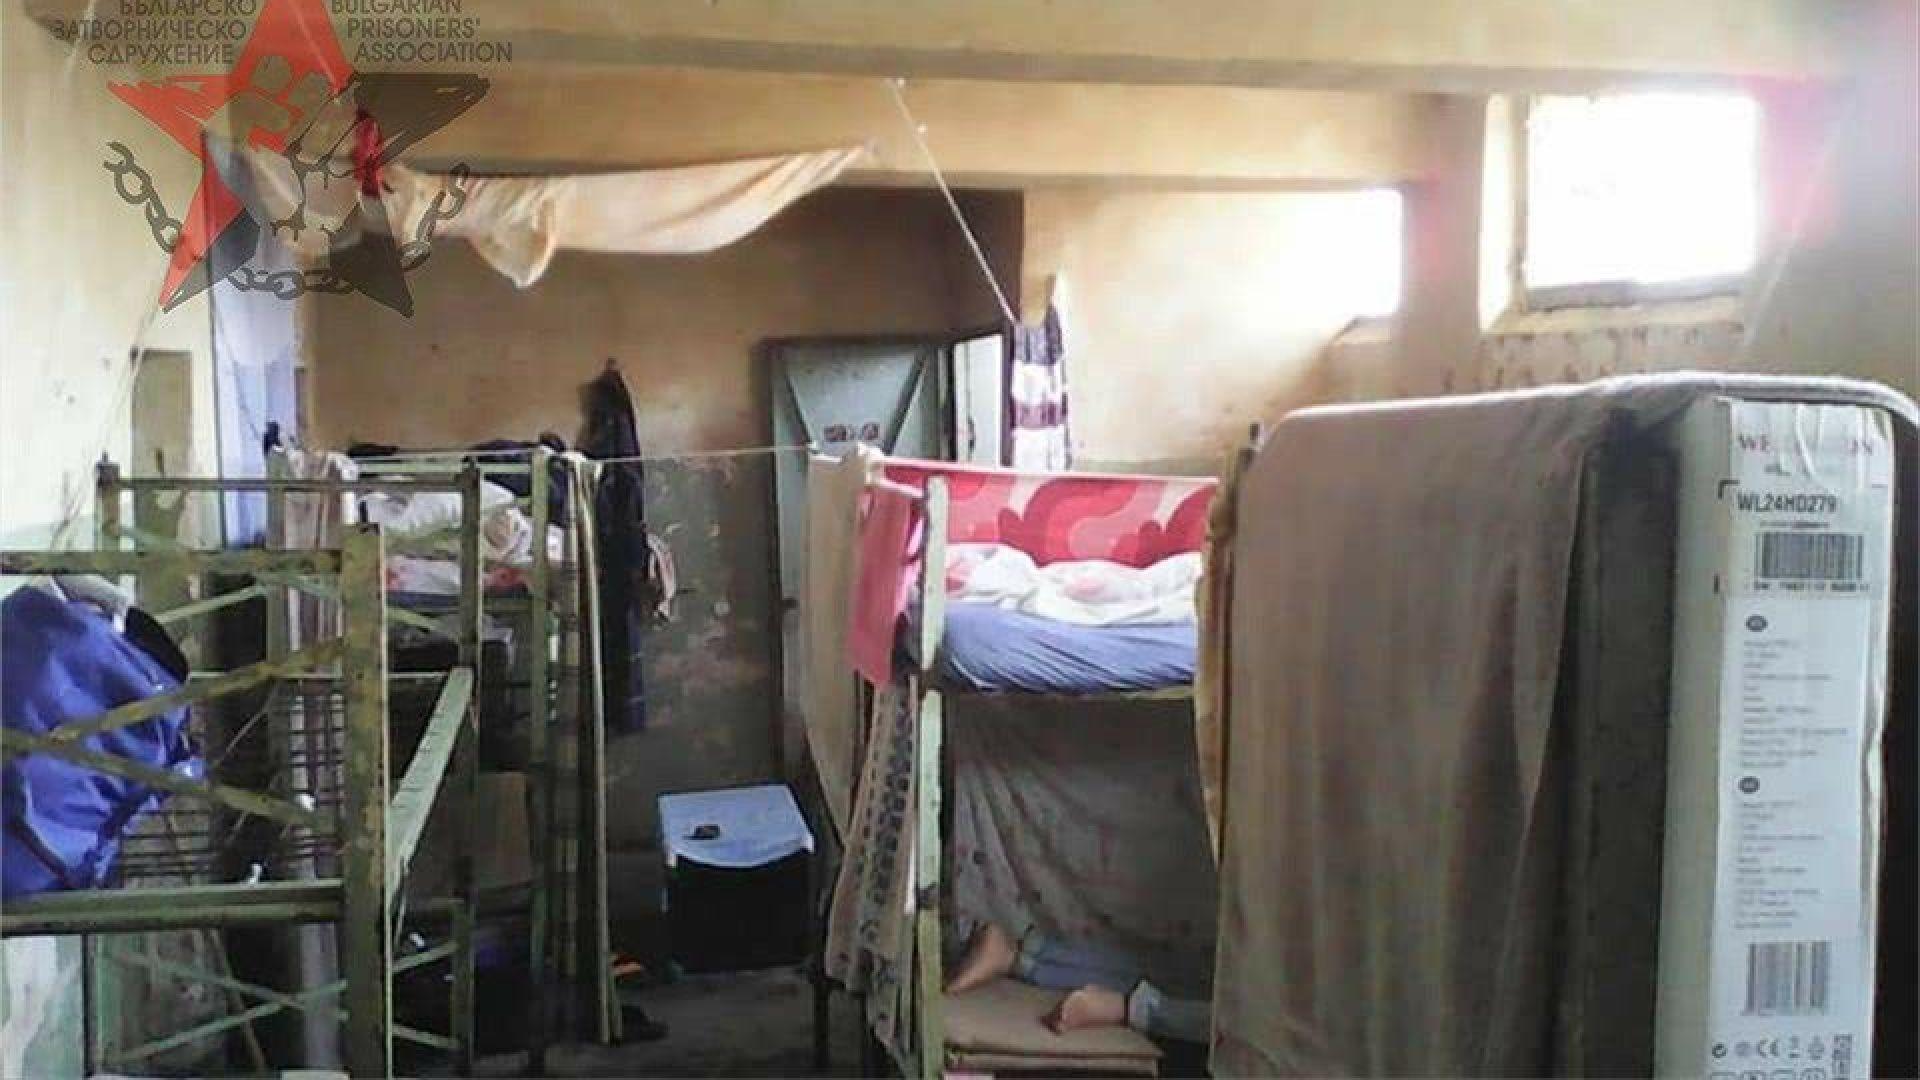 Снимки показаха мизерията от затвора в Пазарджик (видео)